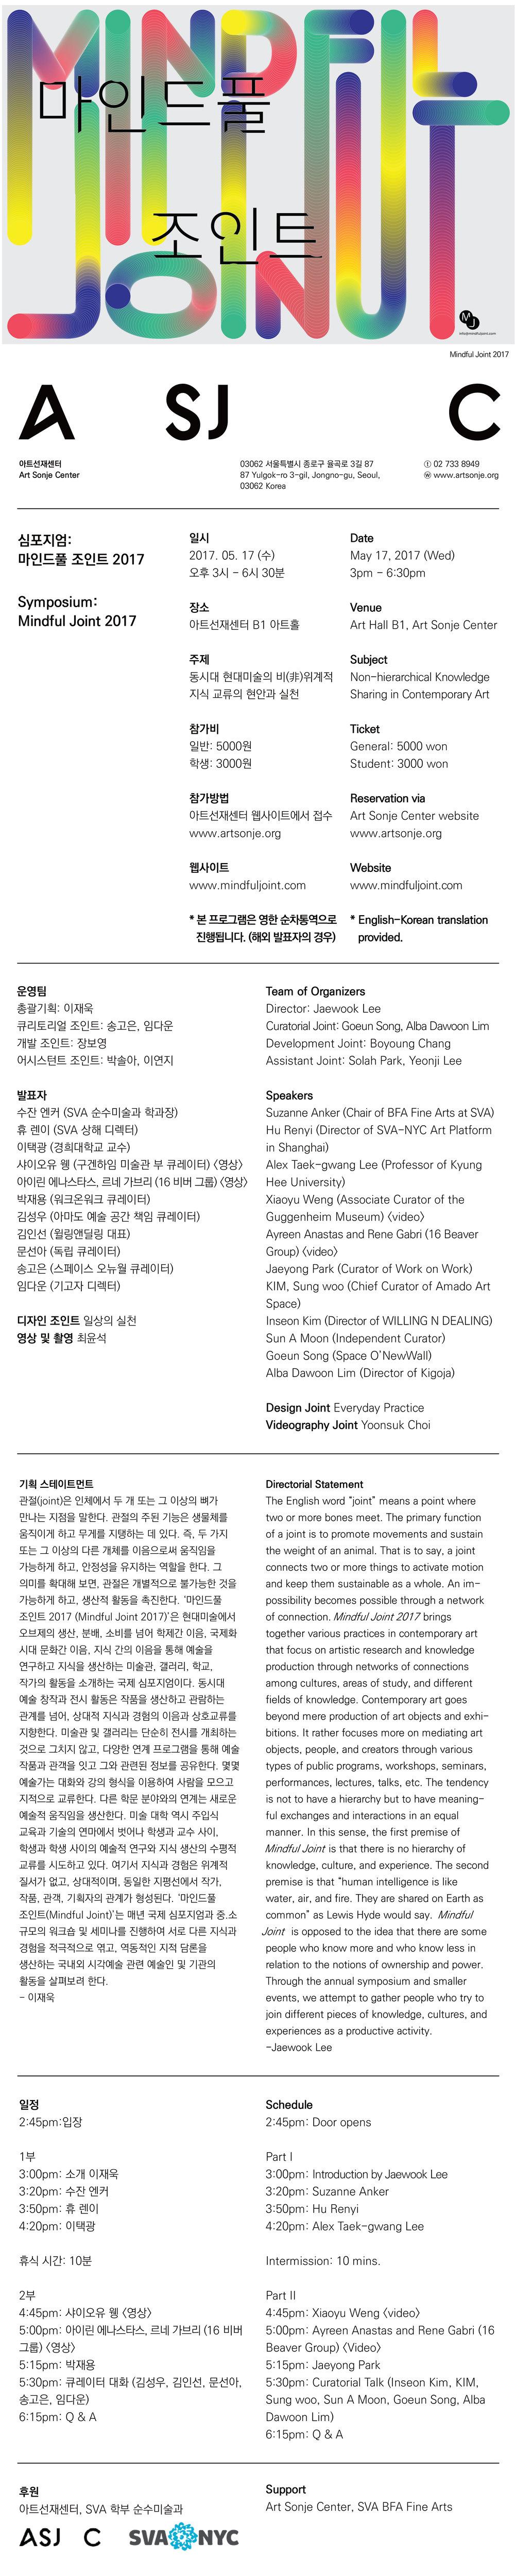 ArtSongjeMindfuljoint2017.jpg